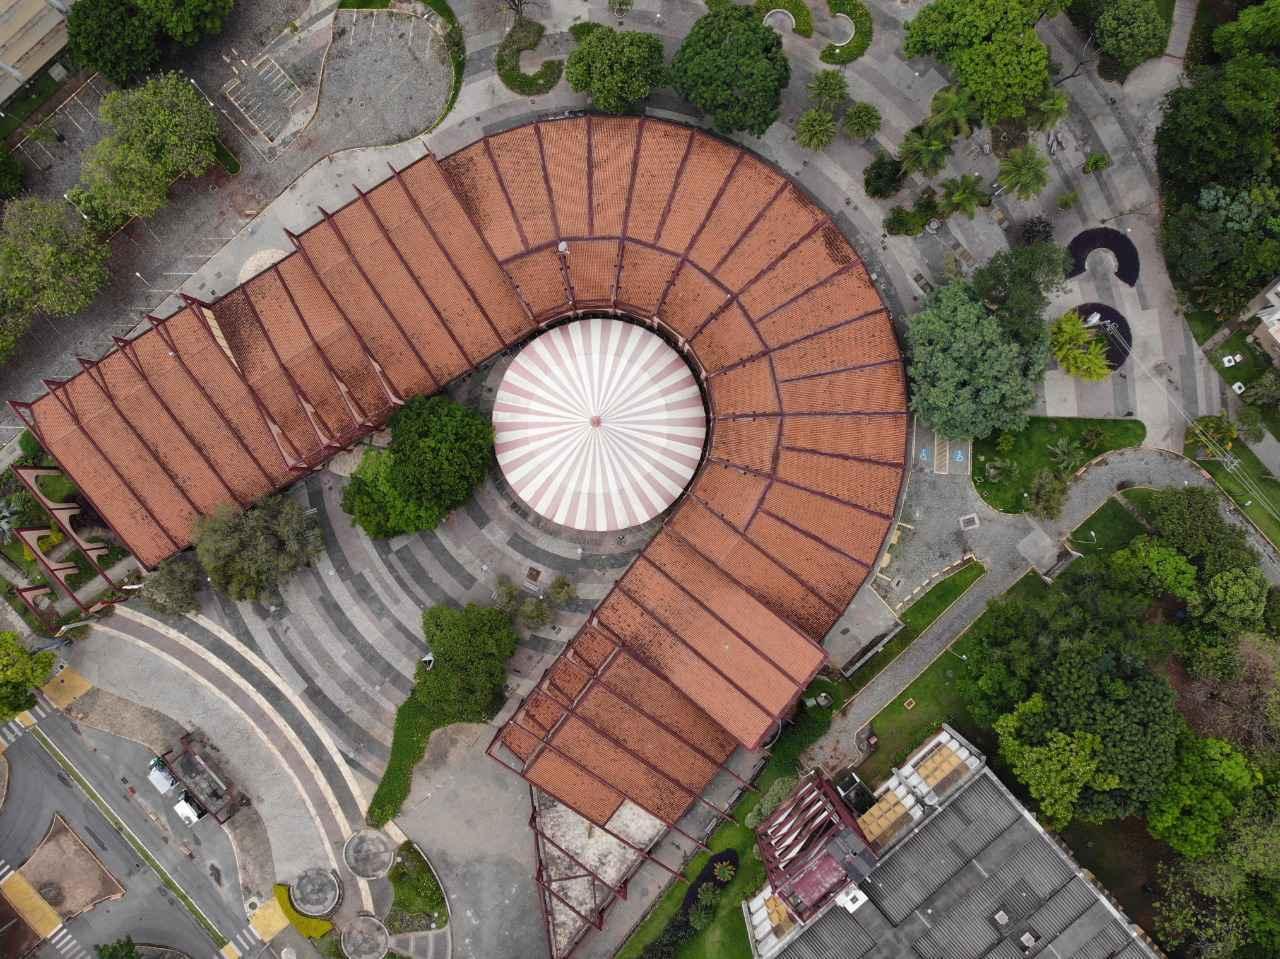 Imagem aérea da 'ferradura' da Praça de Serviços gerada por drone